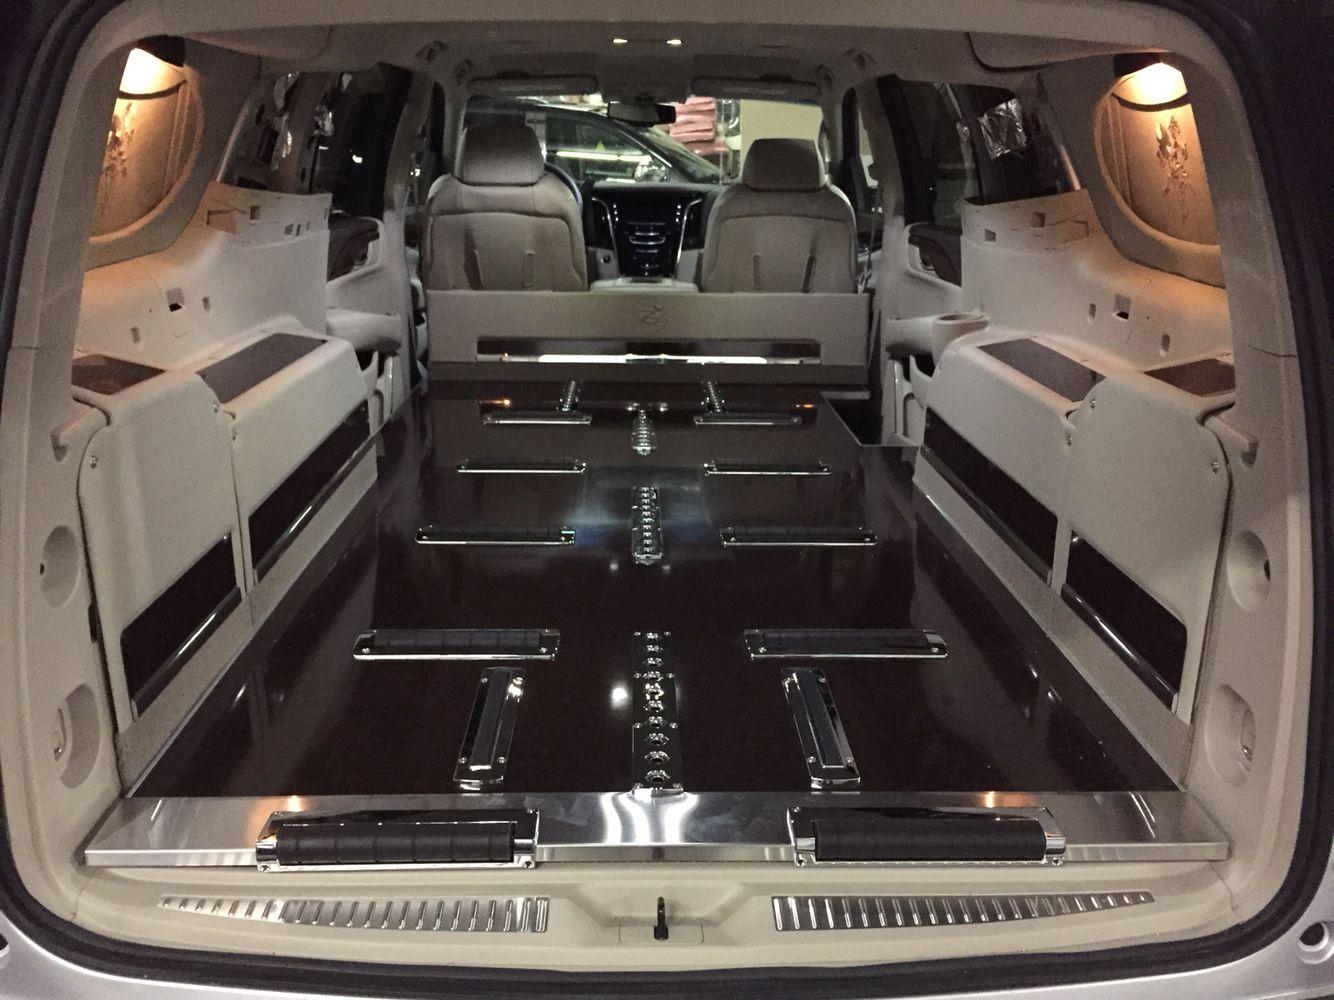 K2 interior suburban or escalade hearse | Business ...